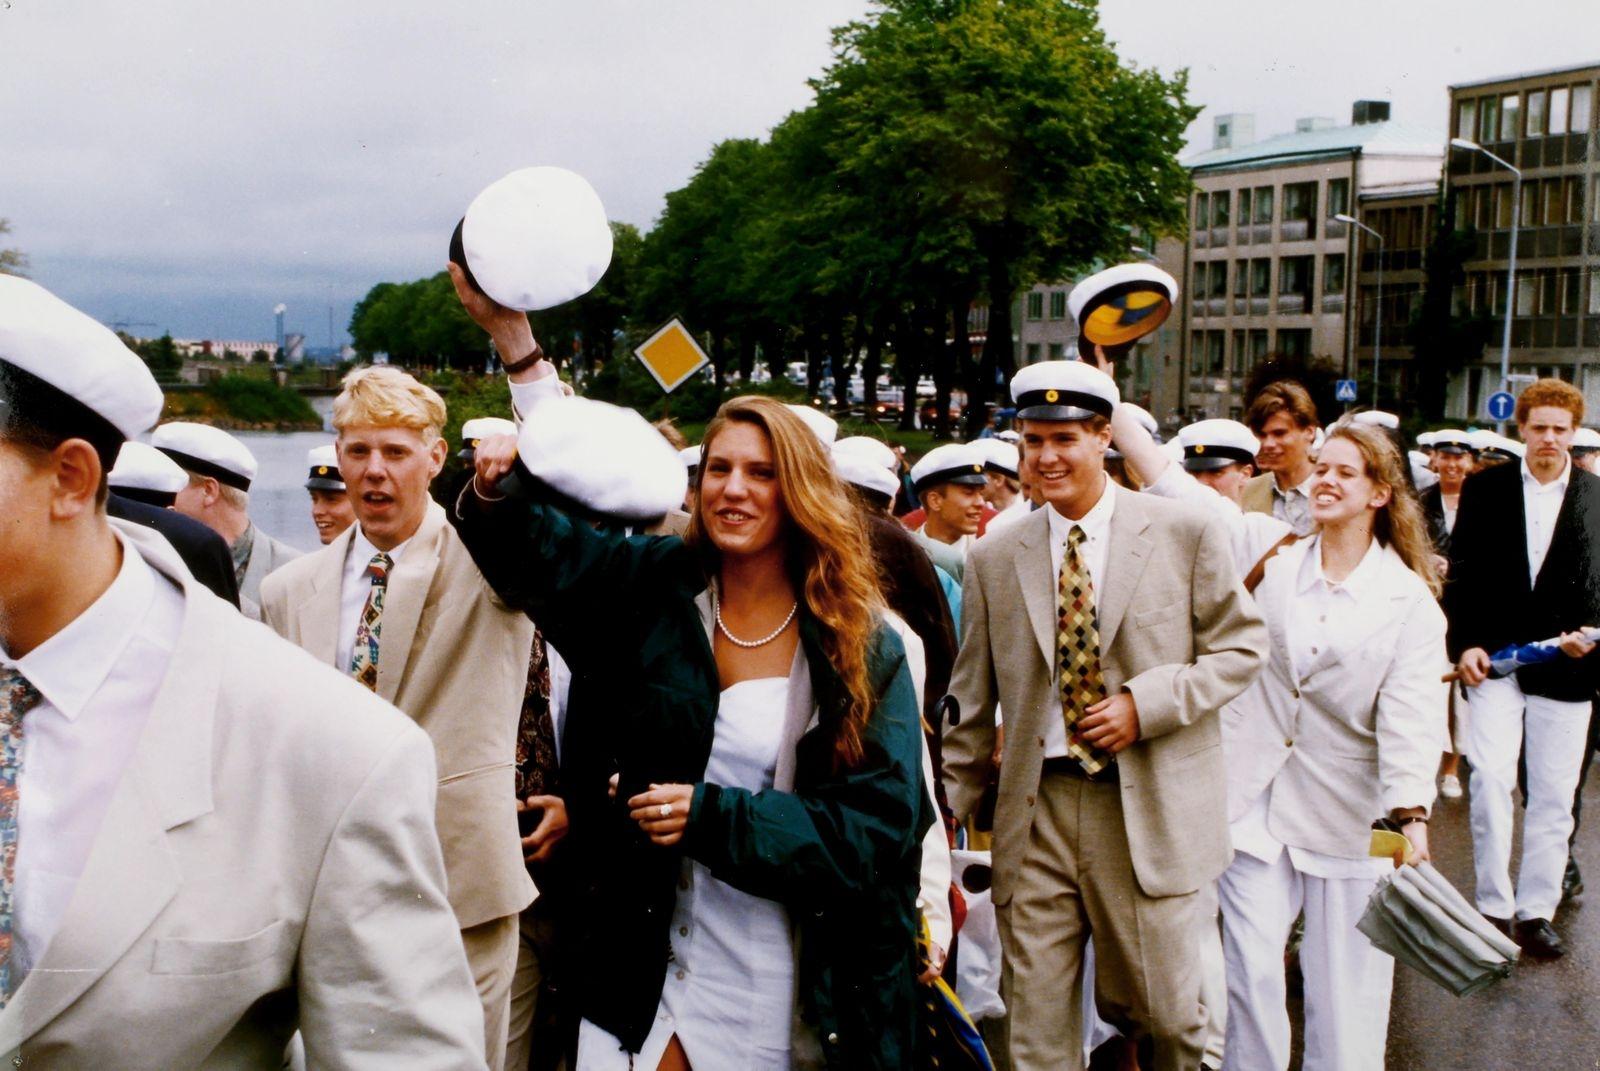 Efter avslutningen i domkyrkan tågade Lars Kaggskolans elever till skolan, och snålblåsten dämpade inte glädjen. Året var 1994.